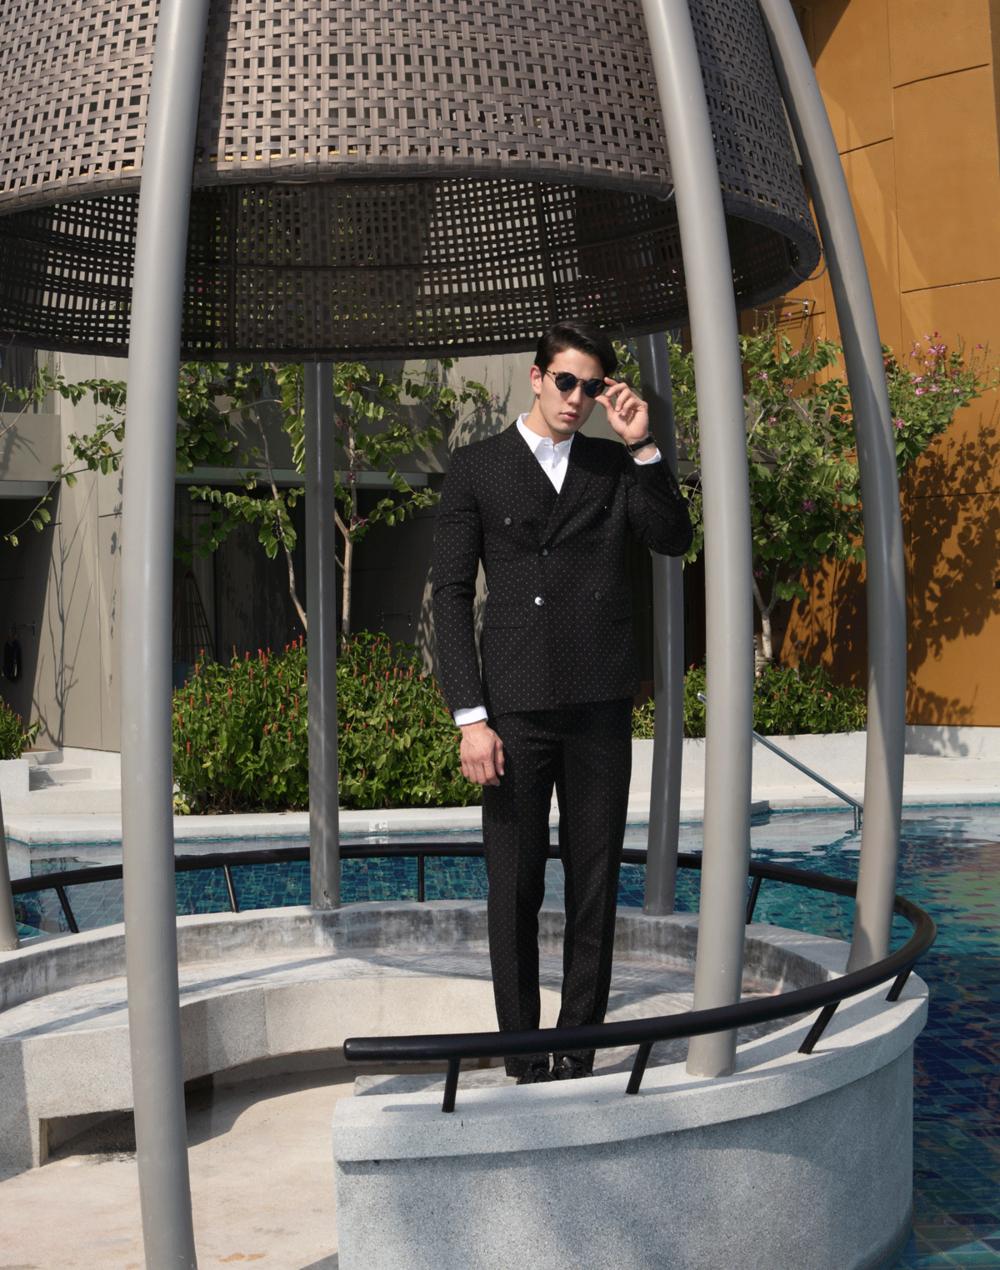 clothes : CV_homme / sunglasses : TAVAT